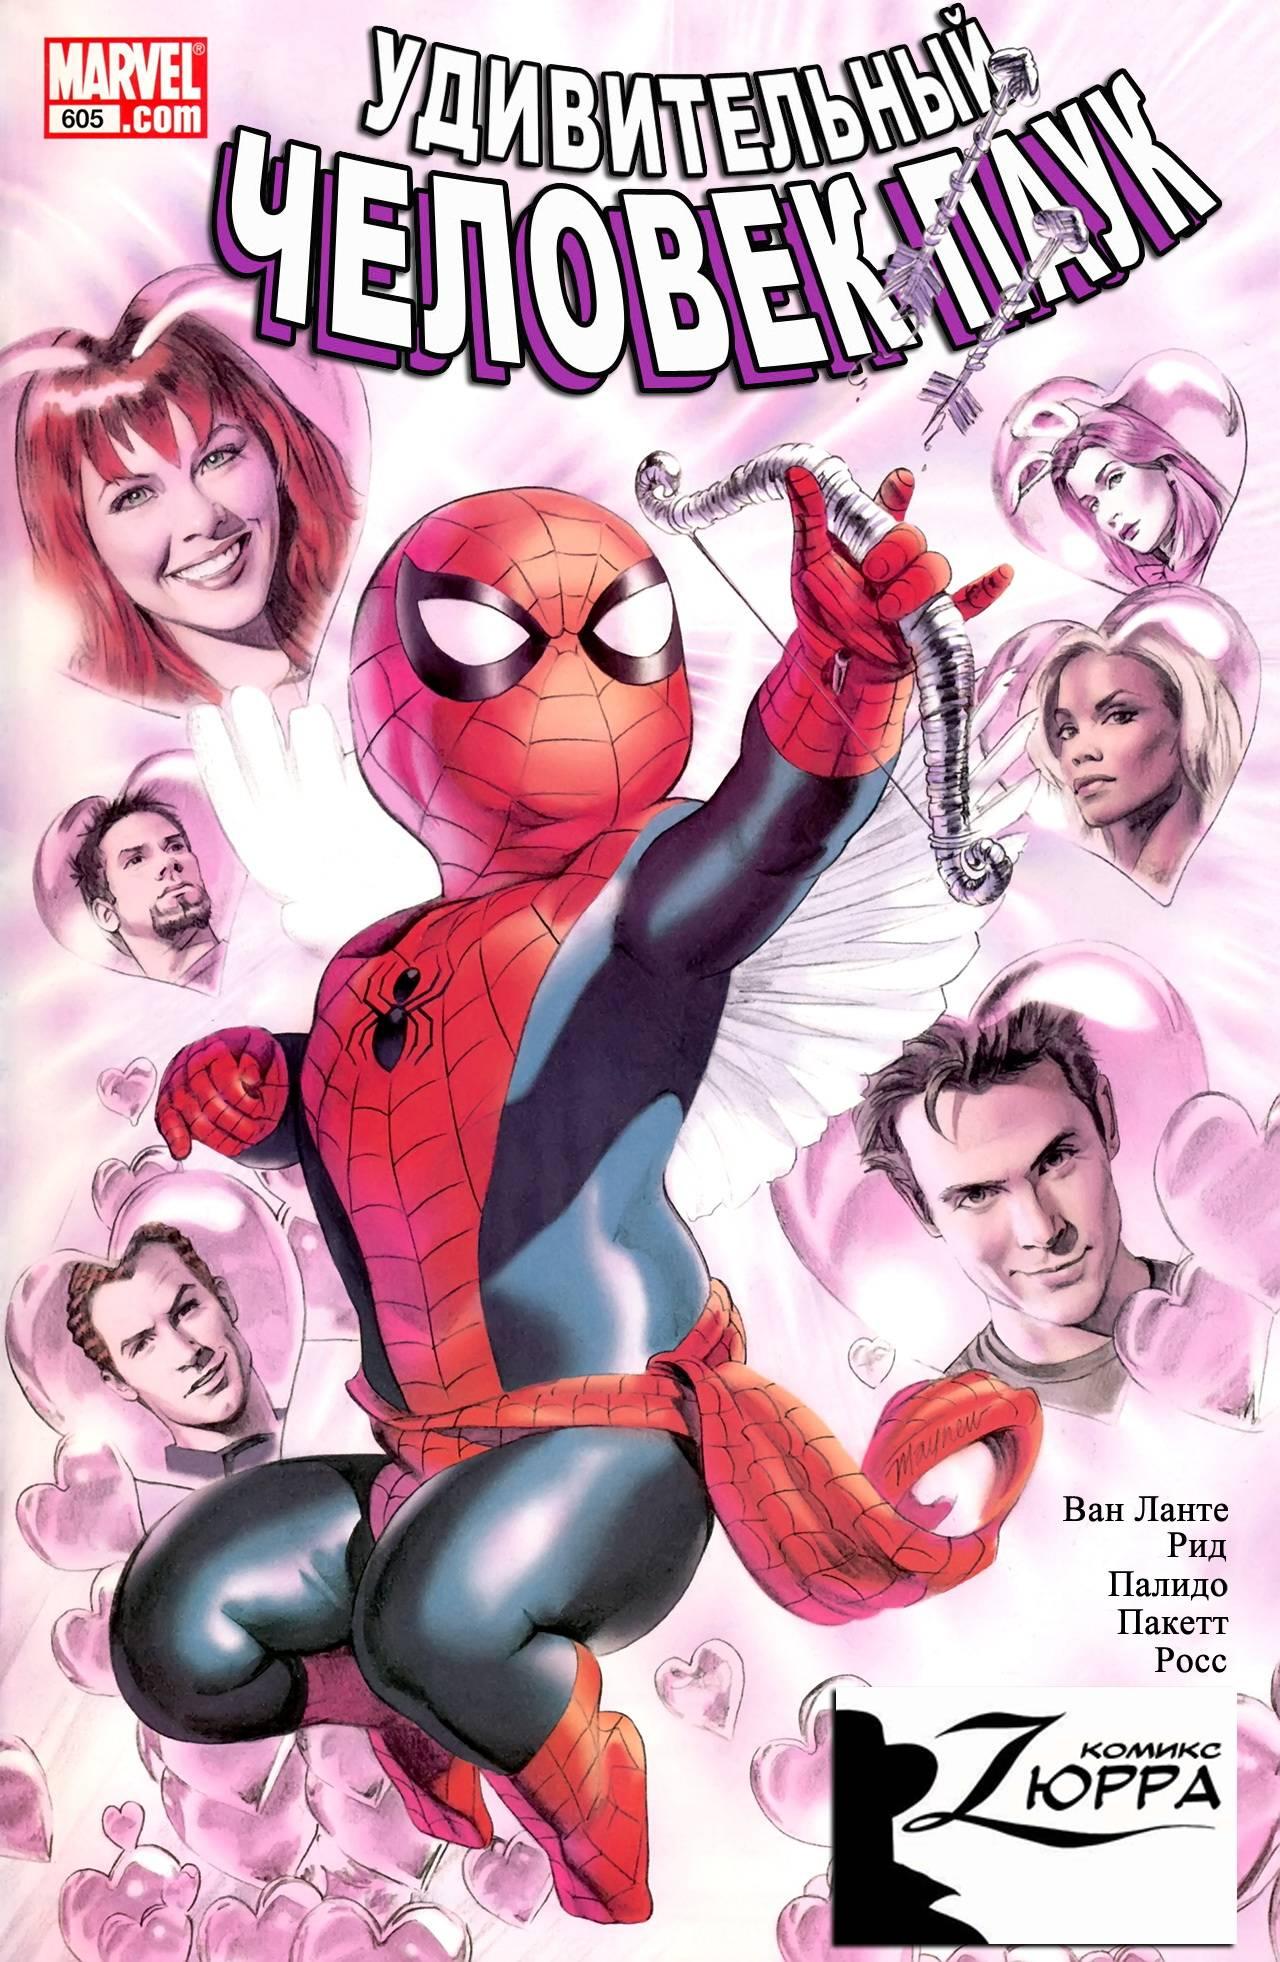 Удивительный Человек-паук №605 онлайн